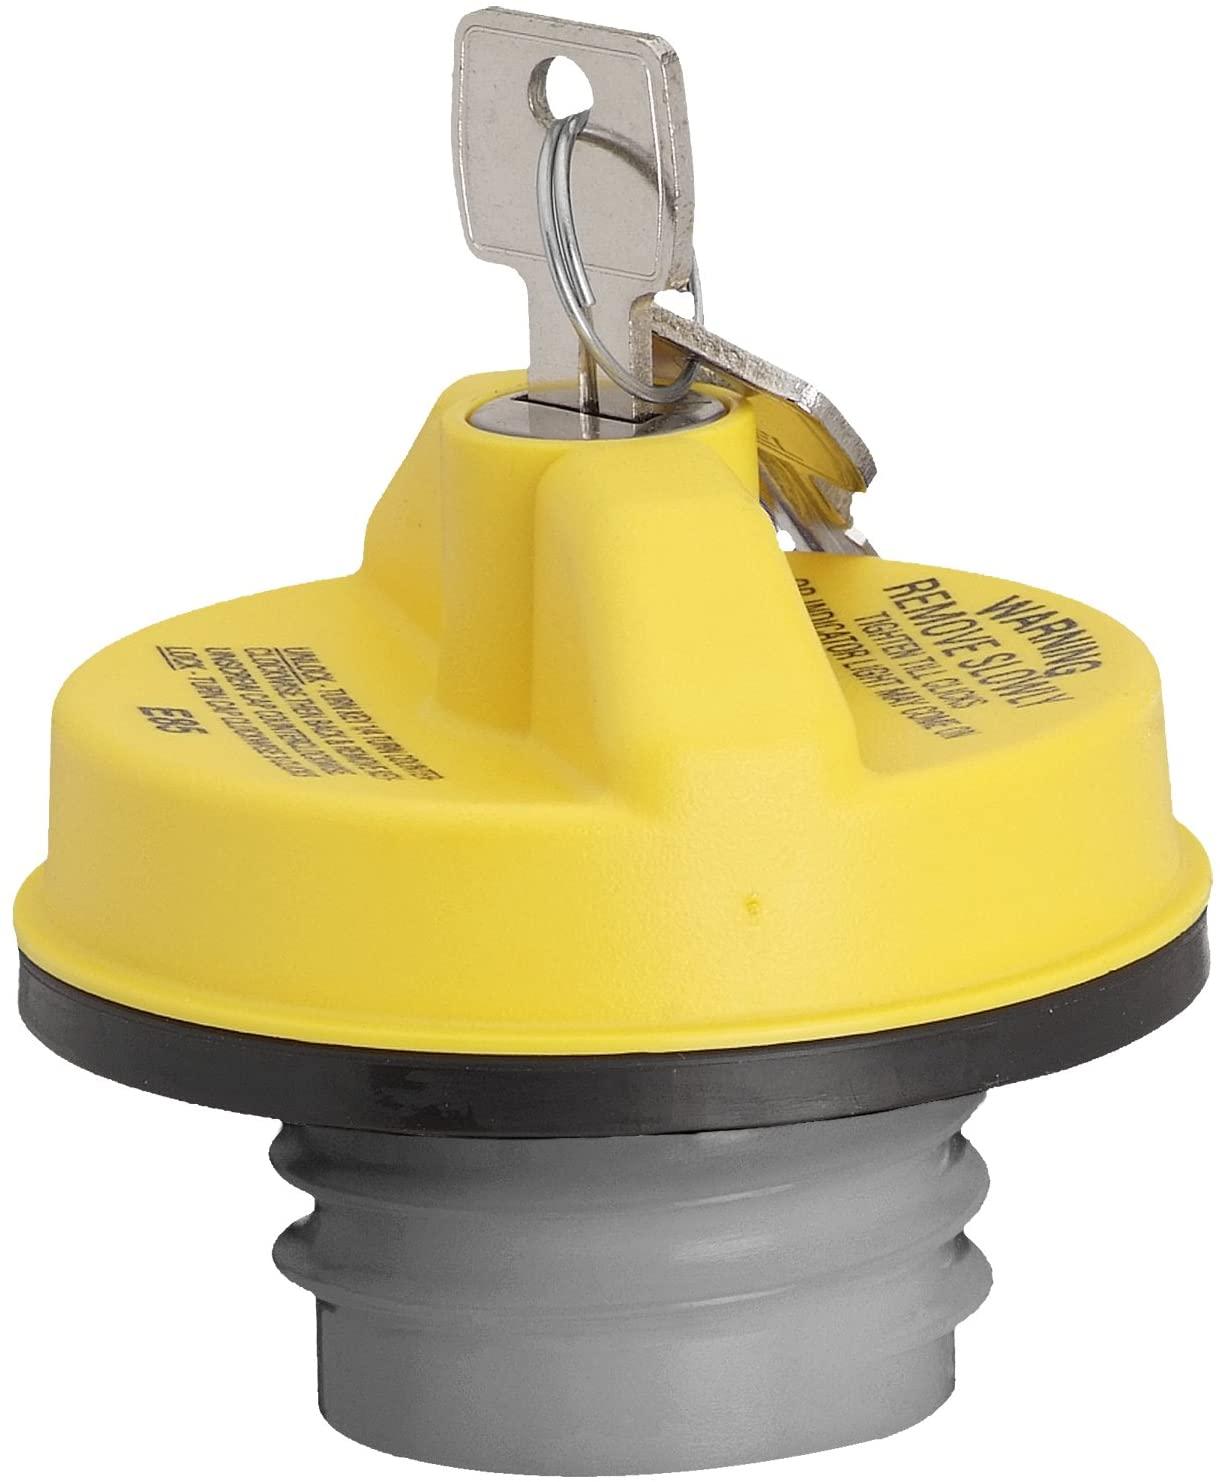 Stant 17504Y Keyed Alike Locking Fuel/Gas Cap, 1 Pack